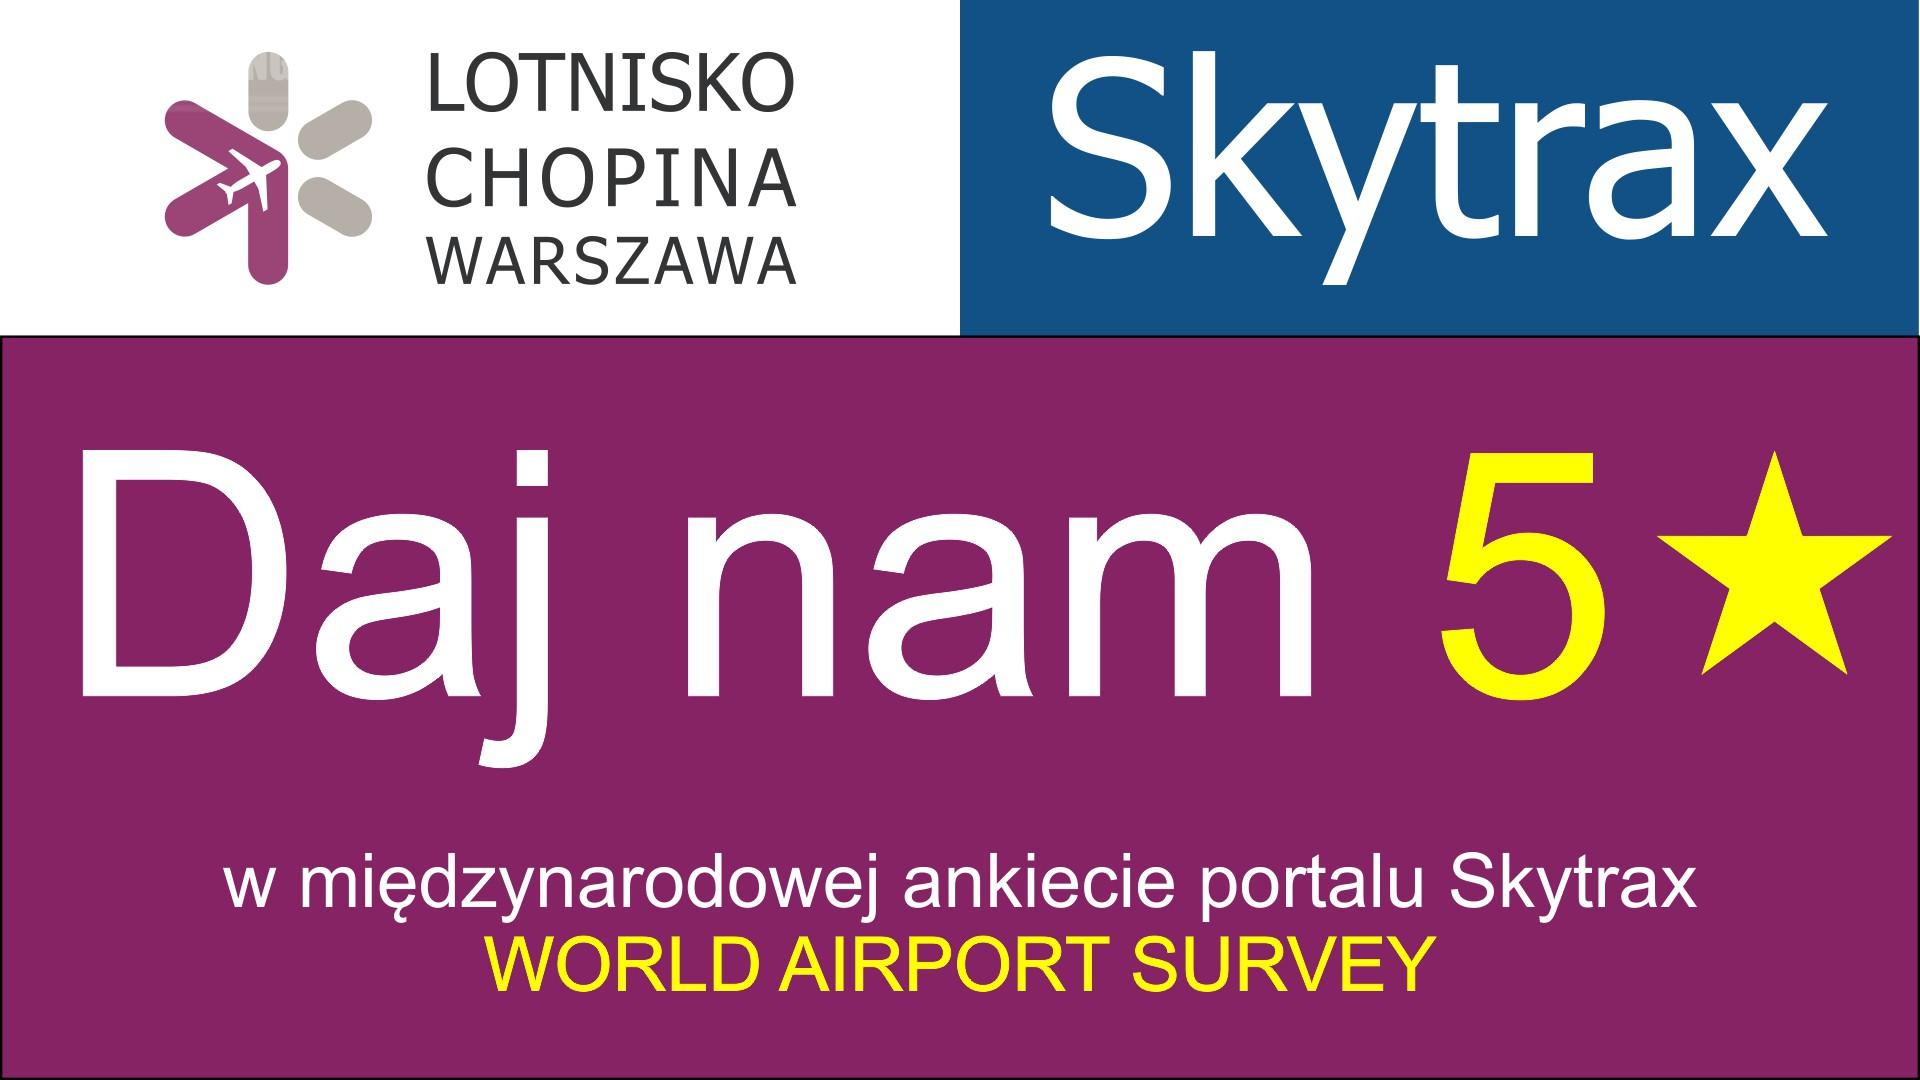 Oceń lotnisko Chopina na 5* w plebiscycie portalu Skytrax